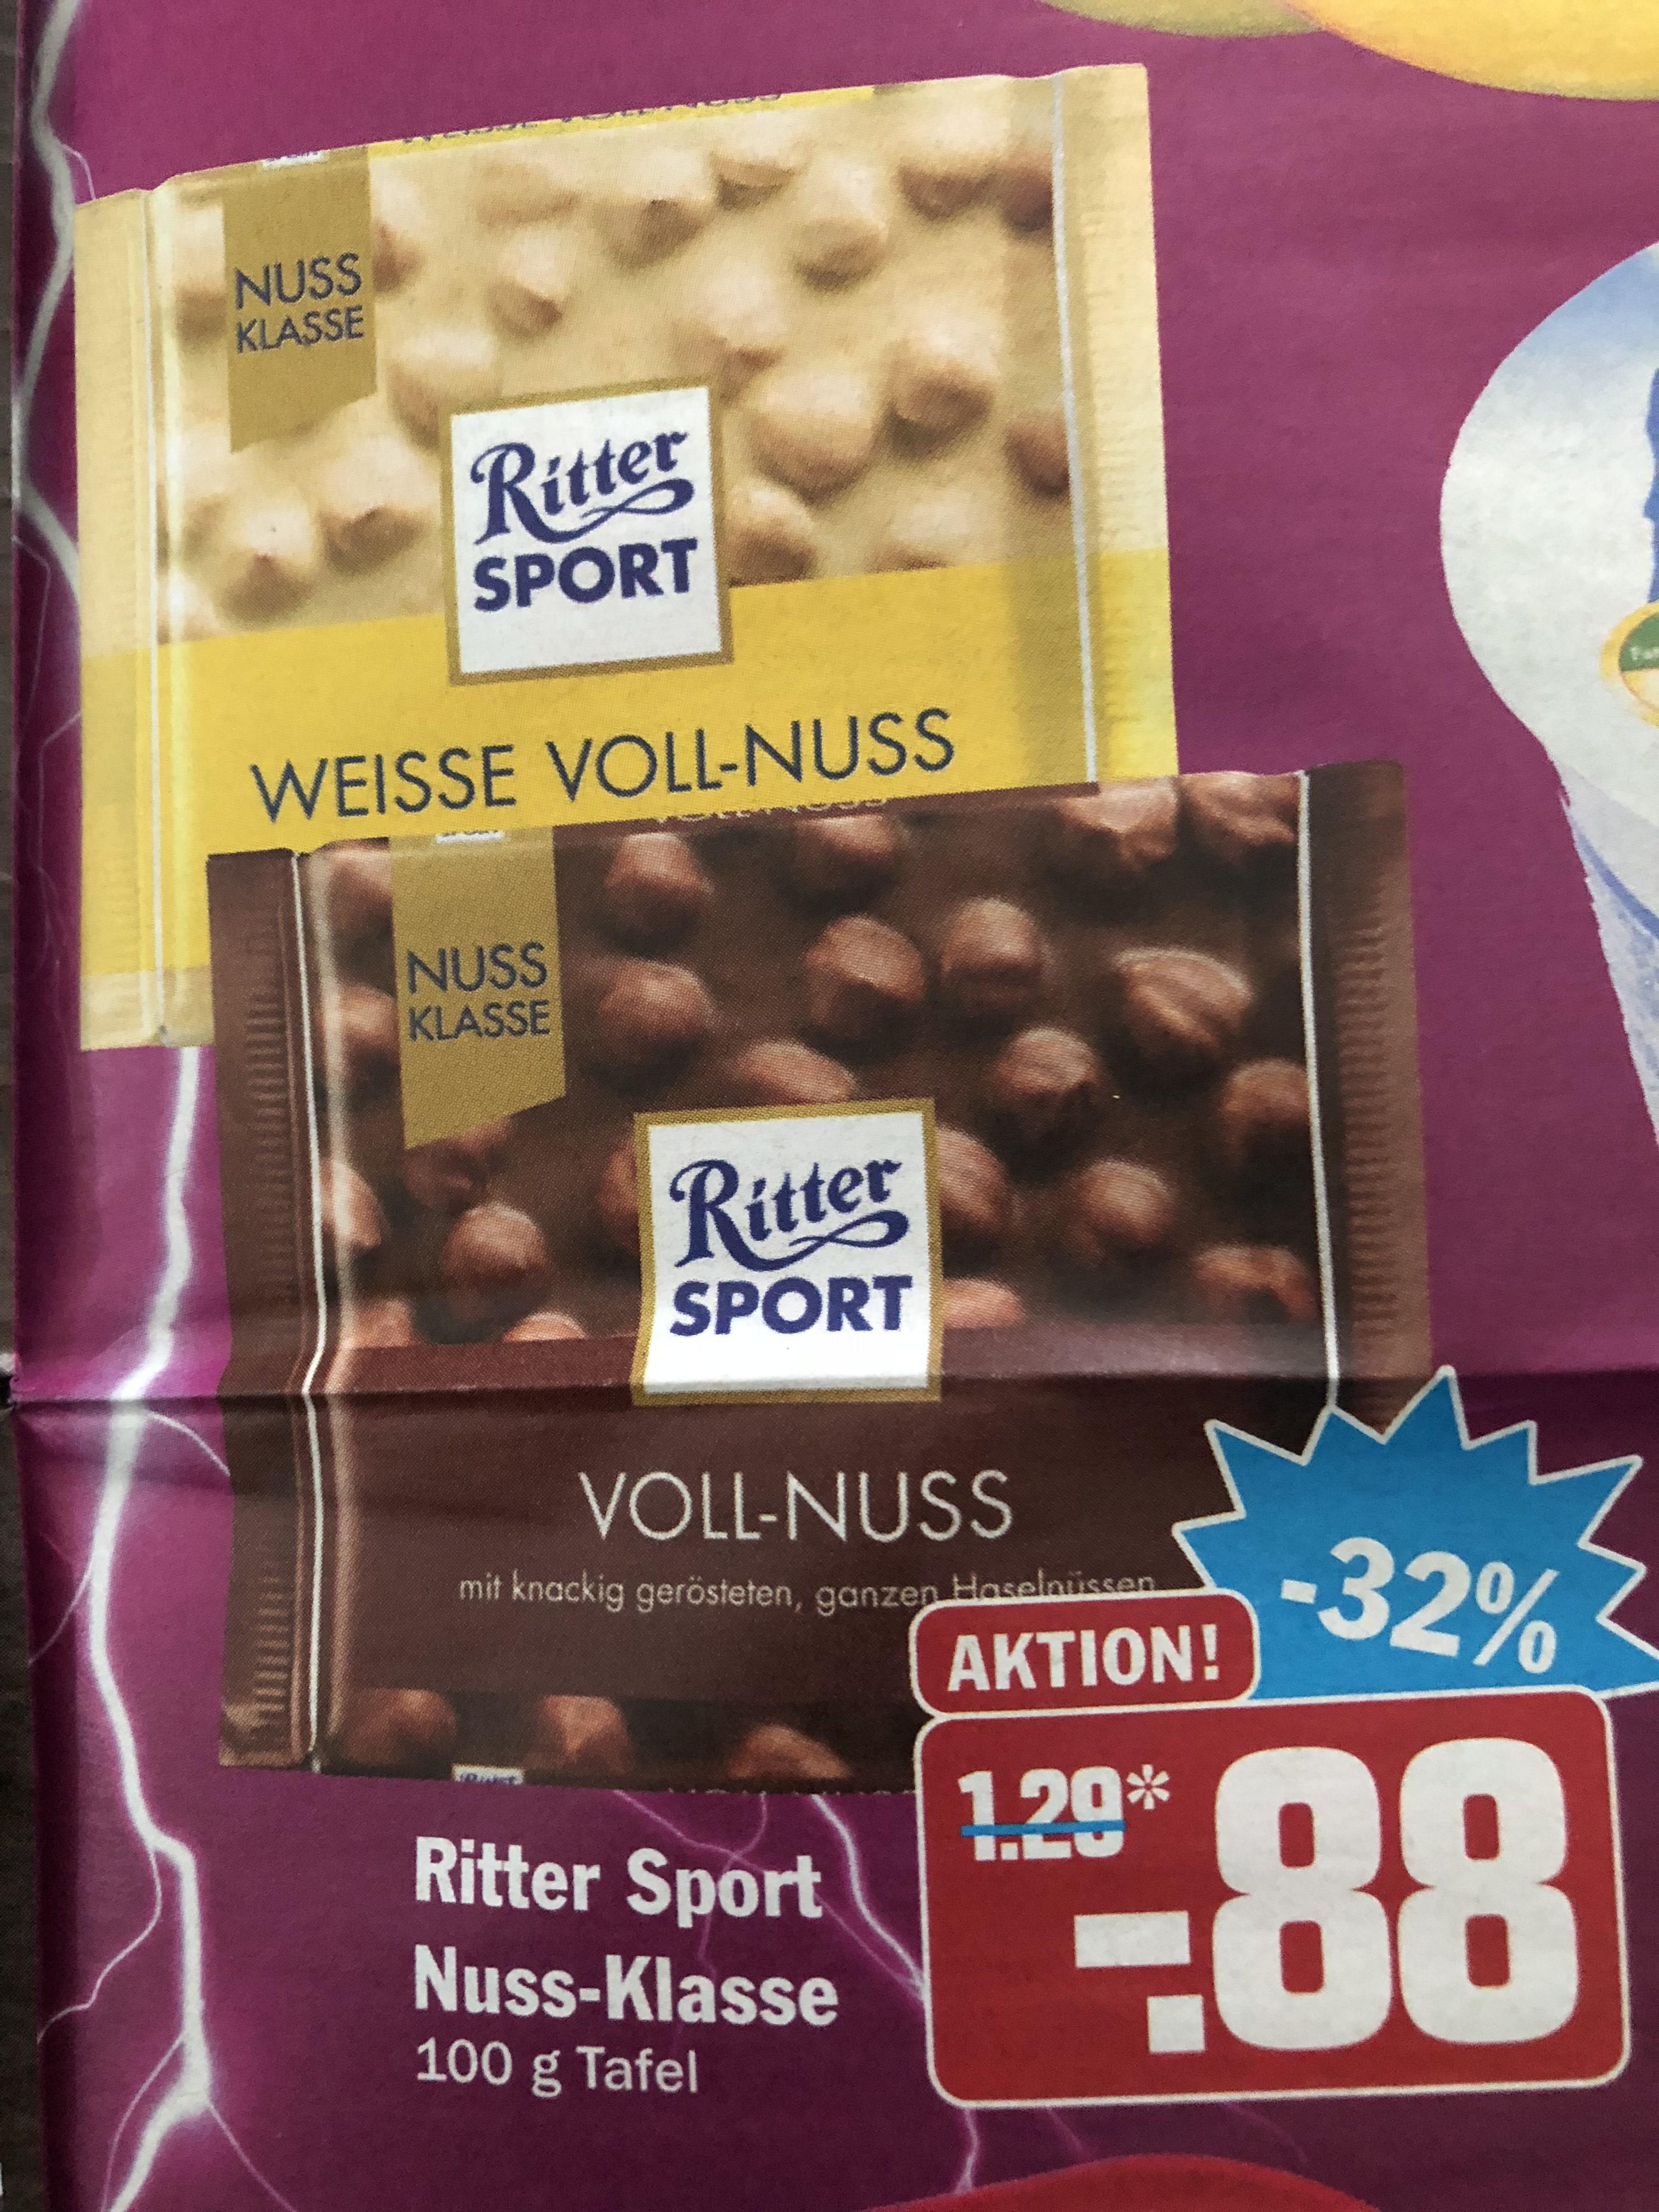 (Region München) AEZ Einkaufszentren: Ritter Sport Nussklasse 0,88€